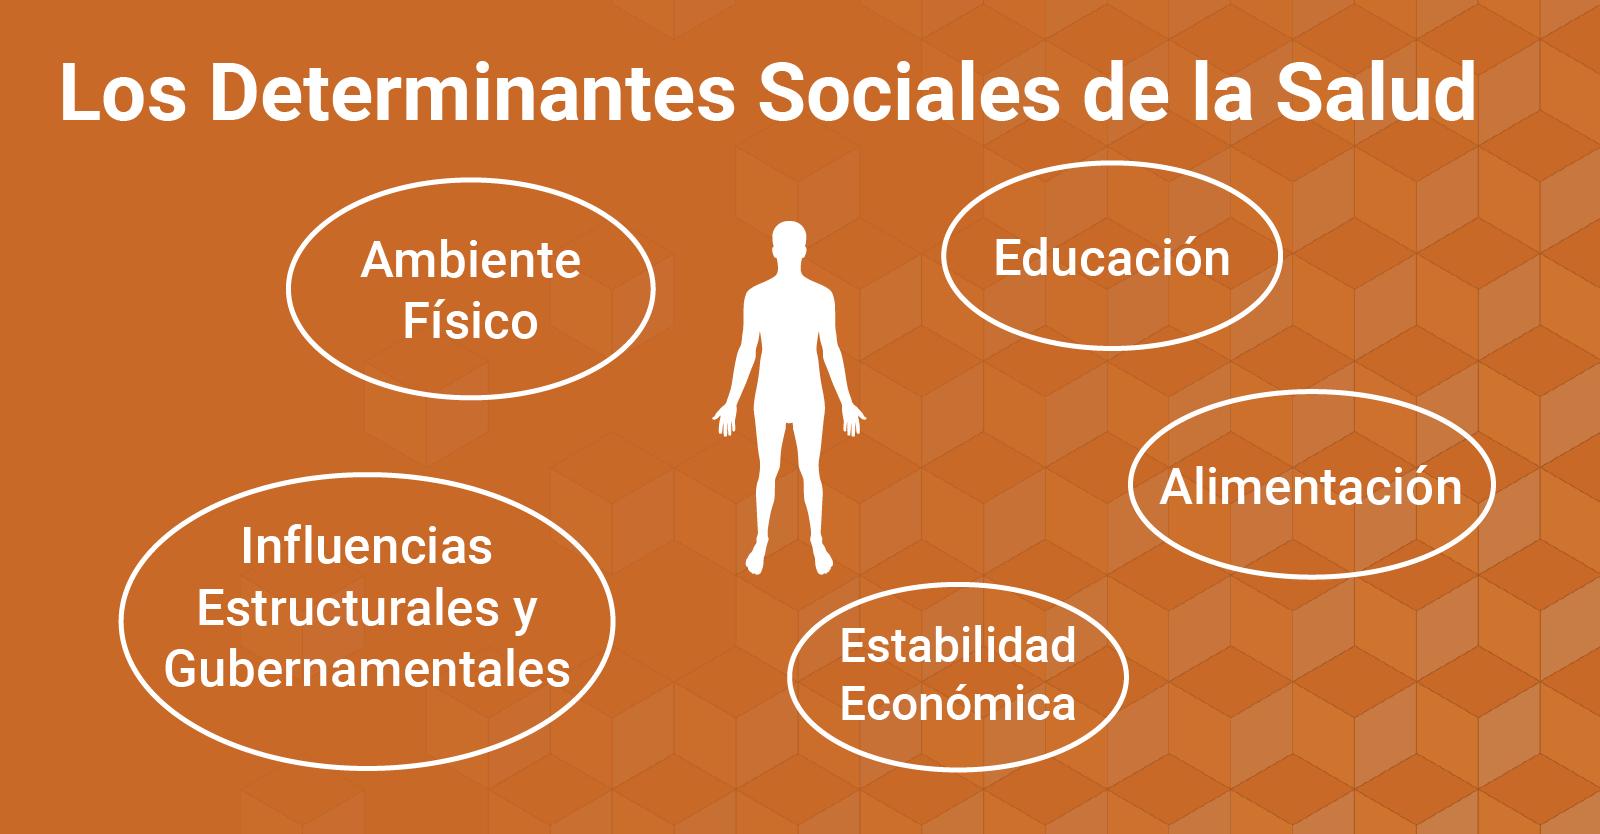 Cómo nuestros alrededores afectan nuestra salud oral: una introducción a los determinantes sociales de la salud